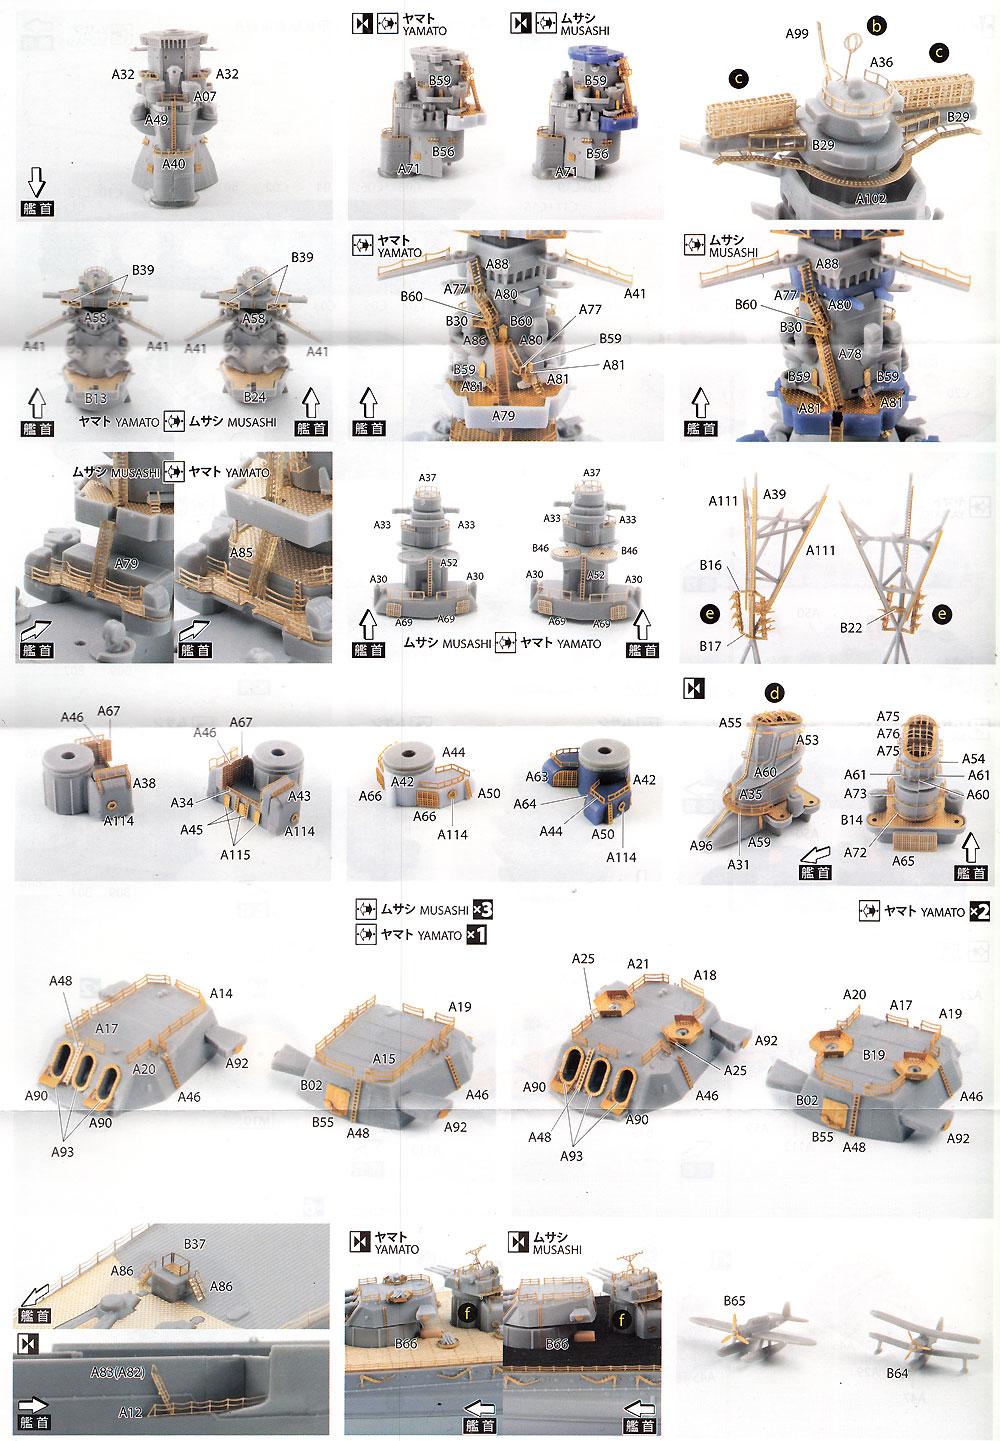 戦艦 大和型 エッチングパーツセットエッチング(アオシマ1/700 フルハルモデル ディテールアップパーツNo.052655)商品画像_4